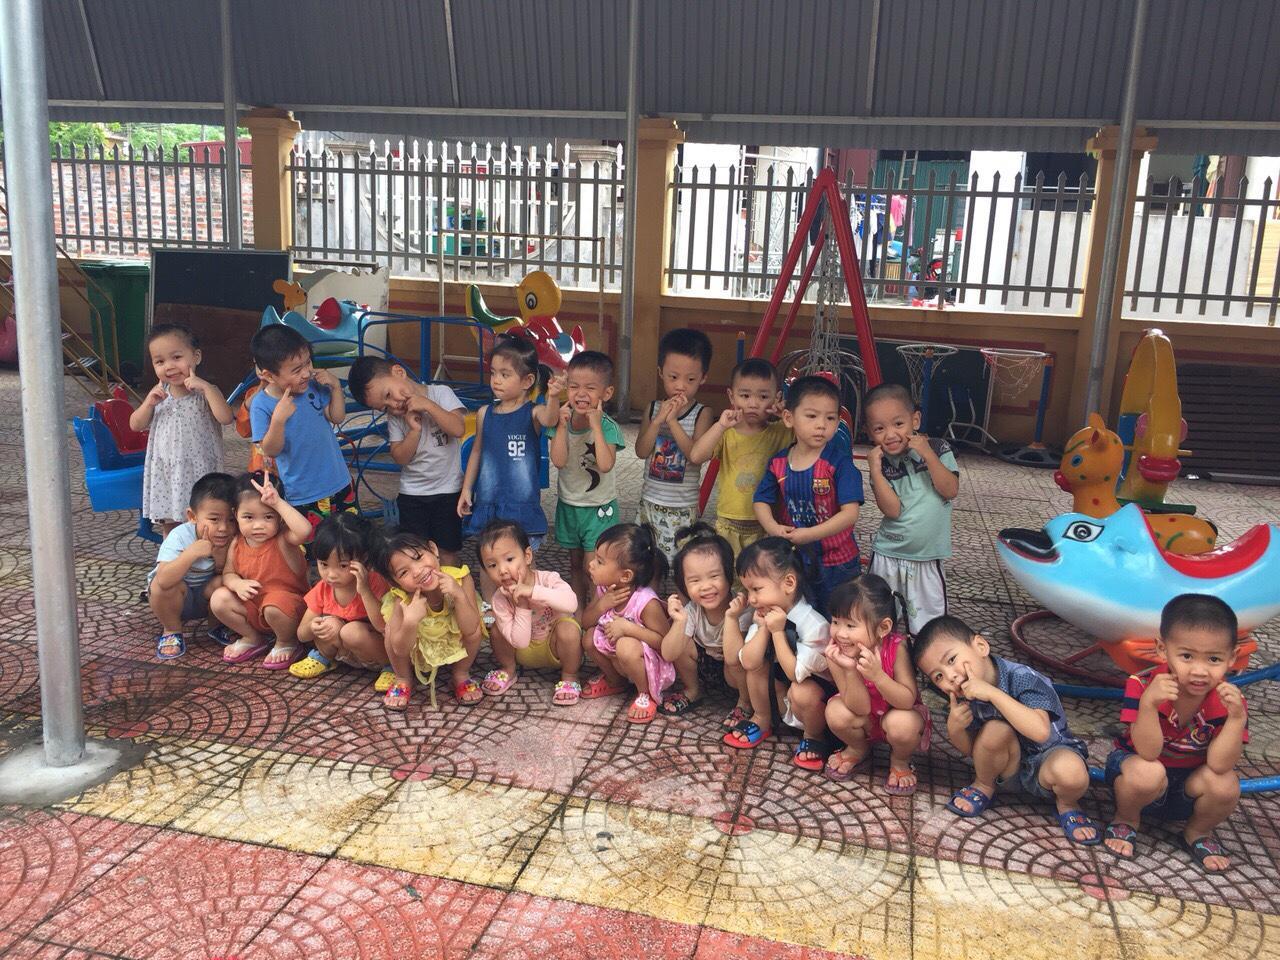 Achat de jeux pour l'école maternelle de Le Loi, dans la province de Hai Duong - Vision du Monde